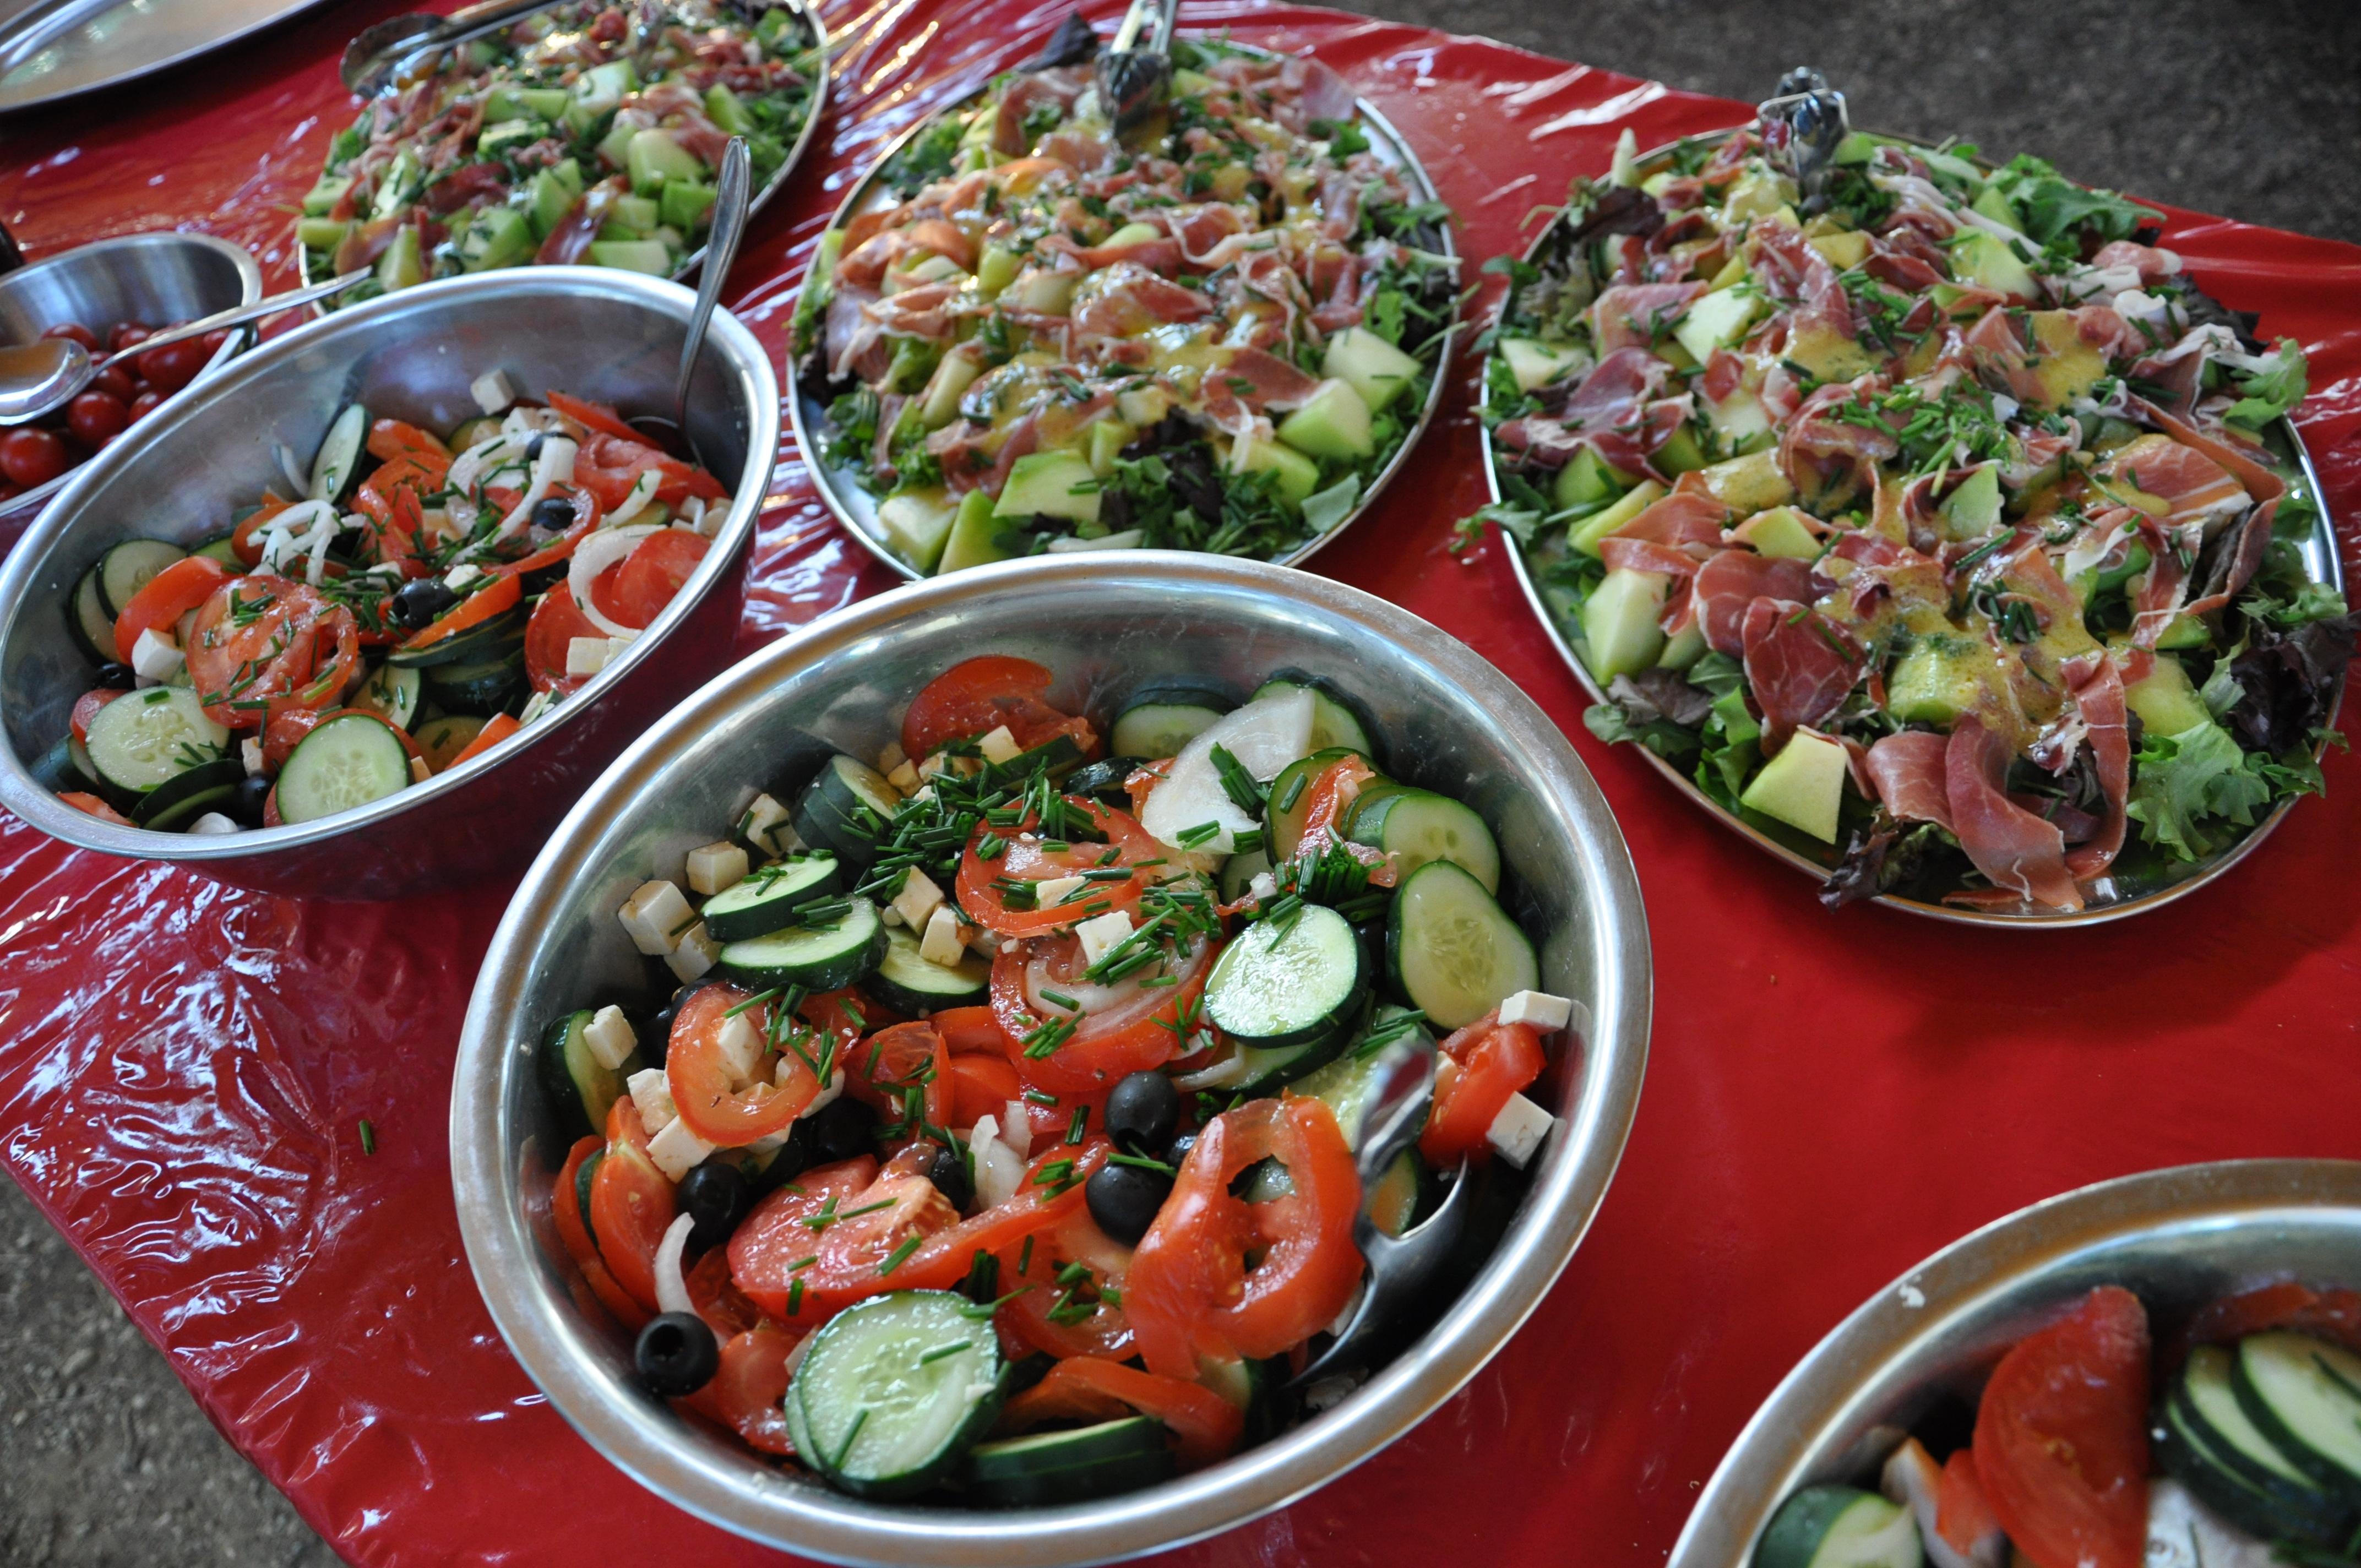 Nieuw initiatief: Koken met buurtbewoners met een verhaal